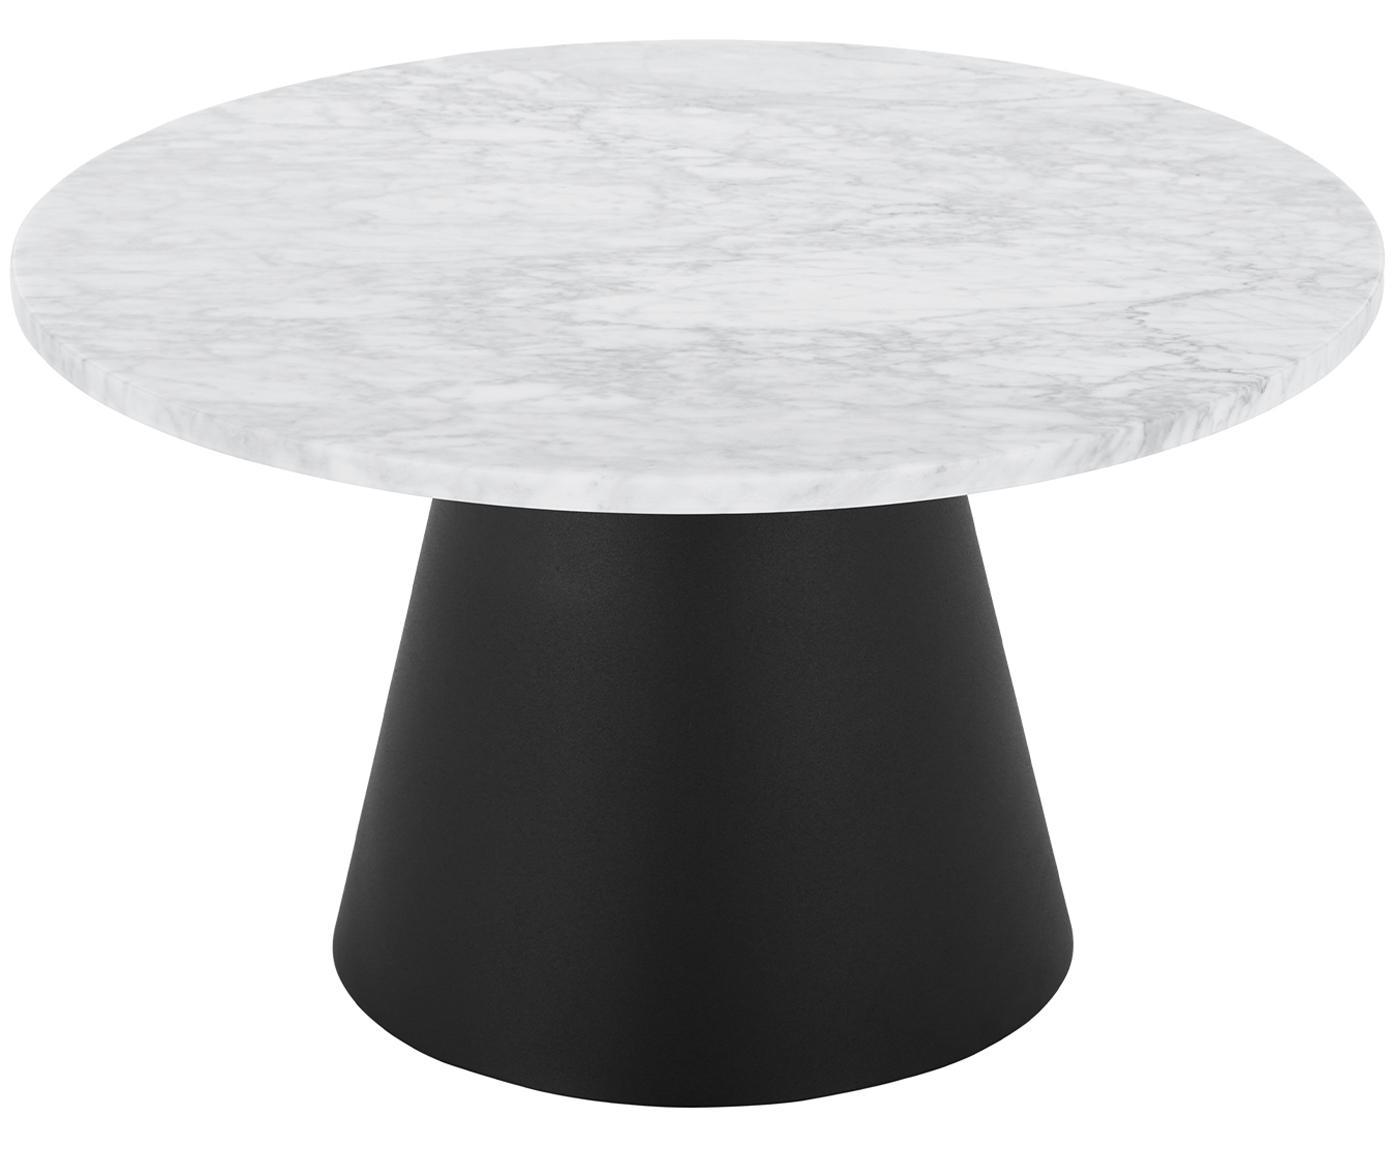 Tavolino da salotto rotondo in marmo Mary, Piano d'appoggio: marmo di Carrara, Struttura: metallo rivestito, Marmo bianco-grigio, nero, Ø 70 x Alt. 40 cm